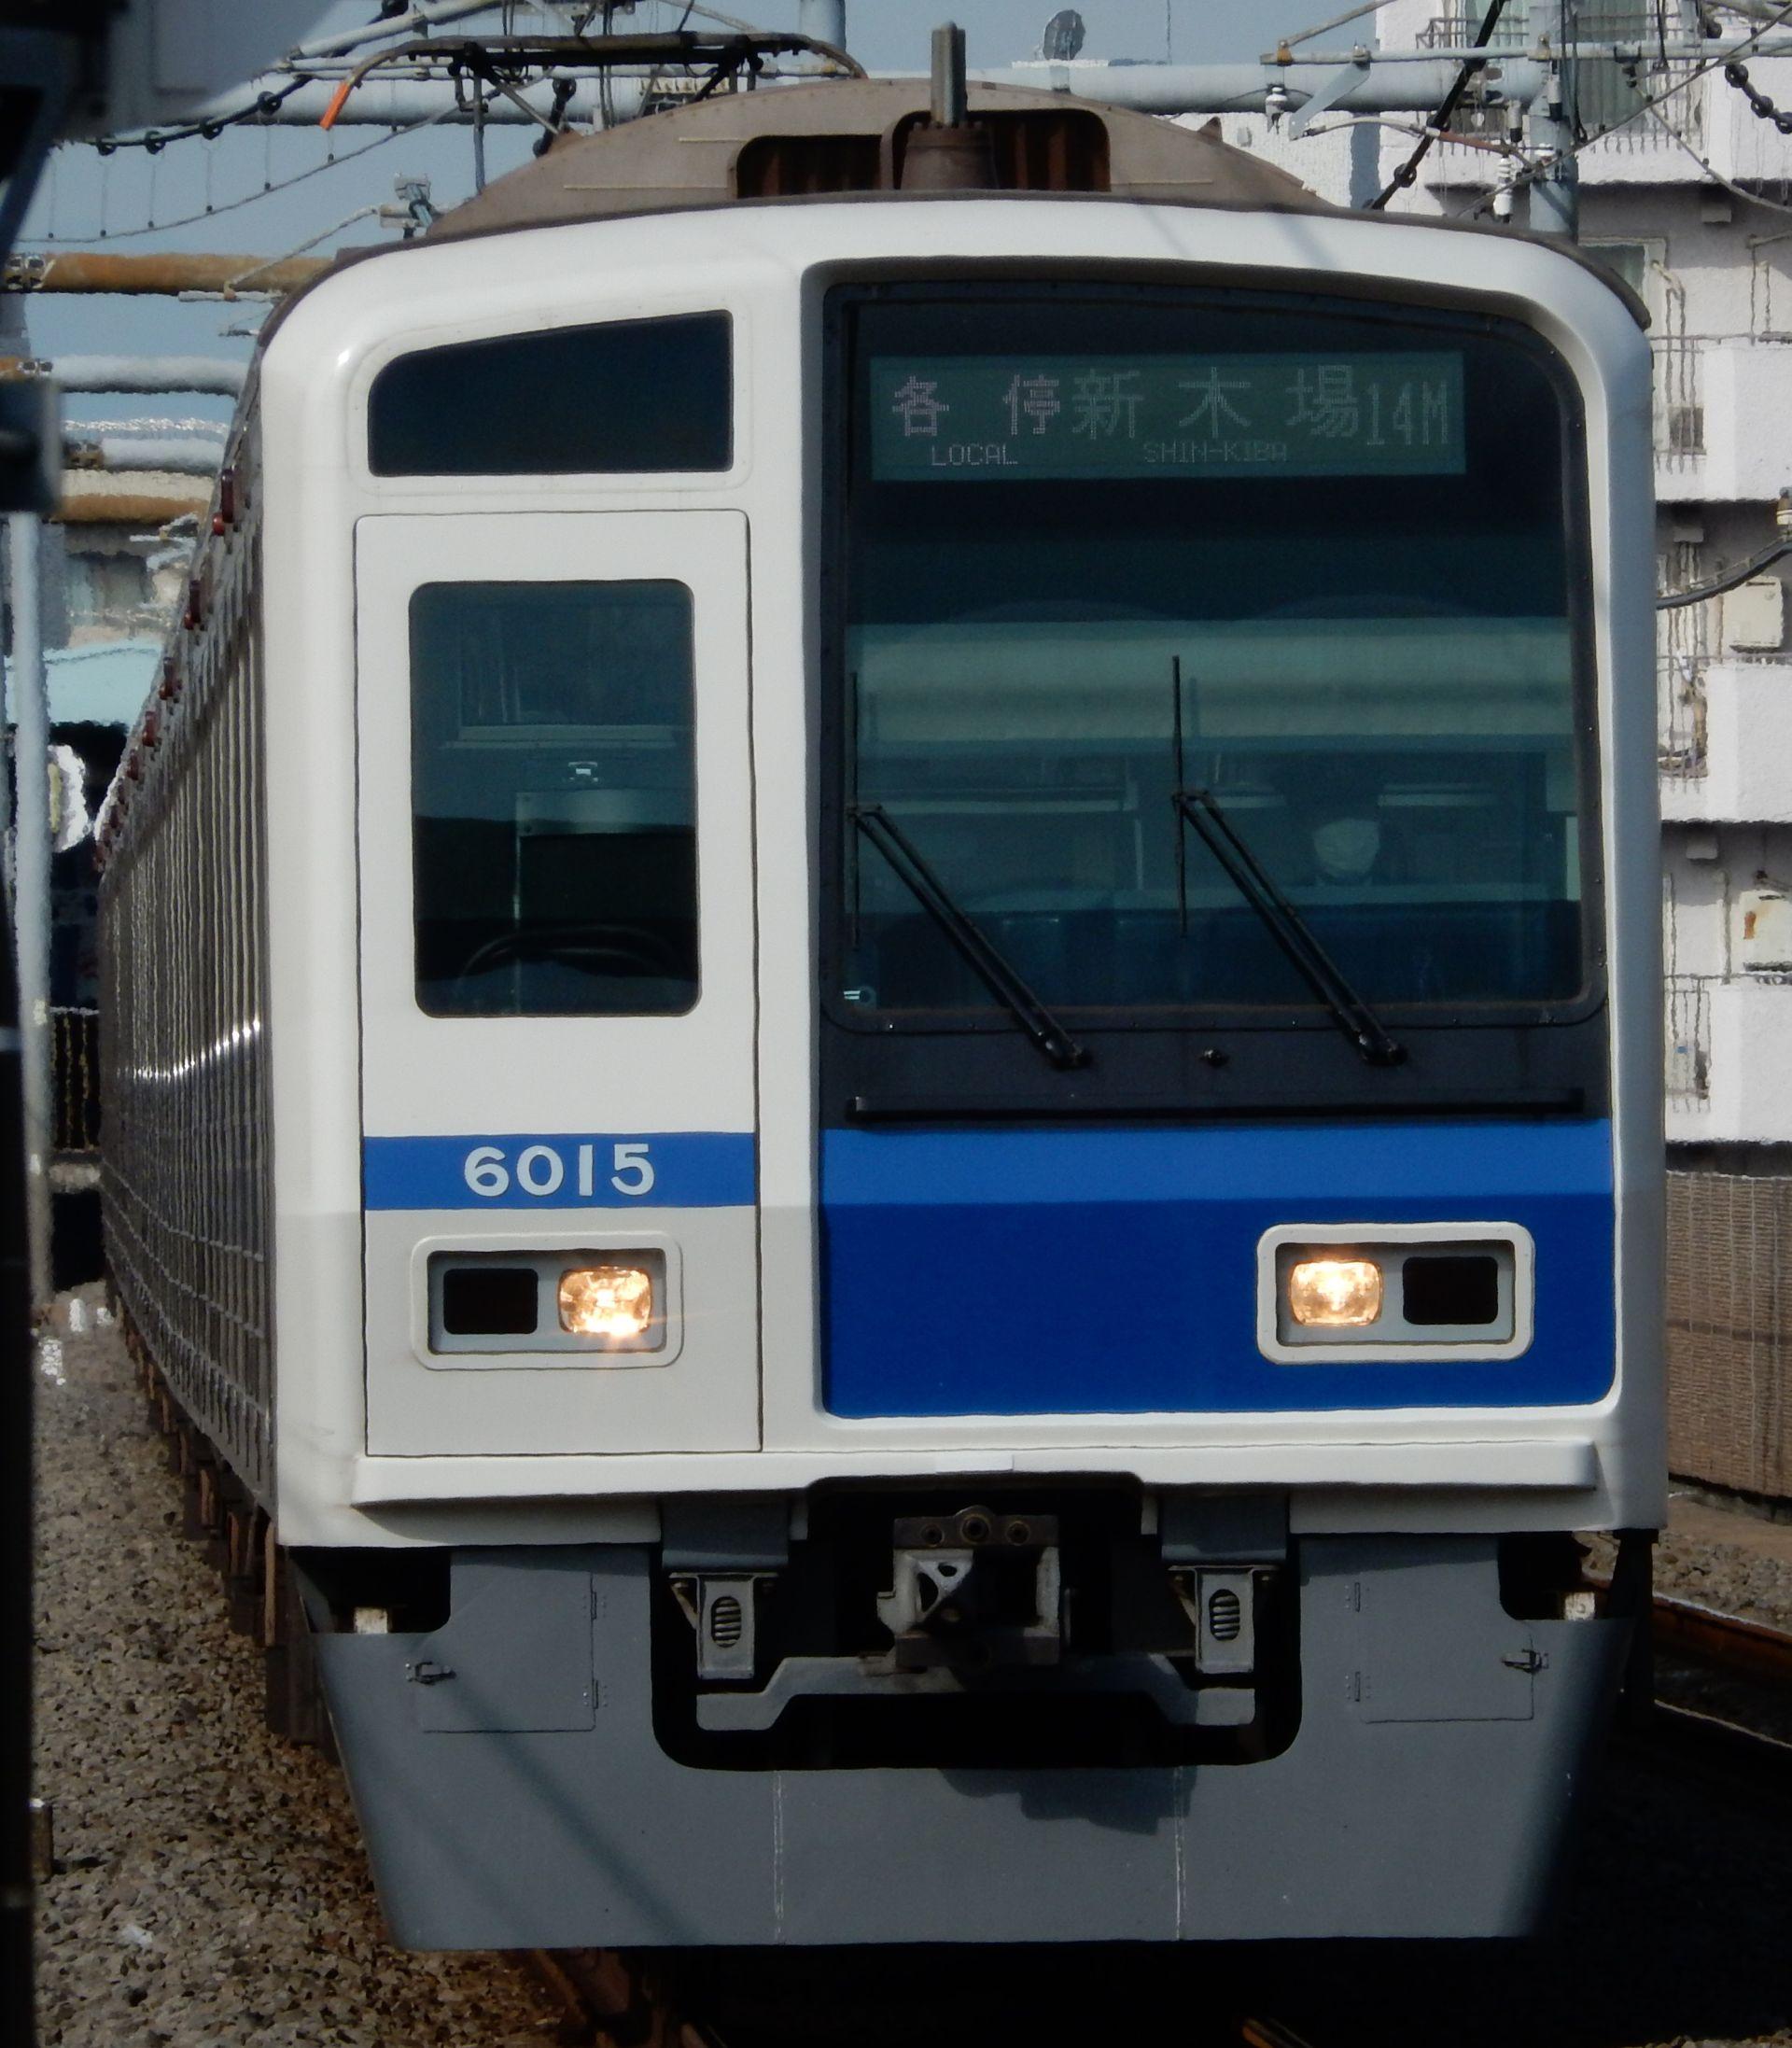 DSCN5537 - コピー